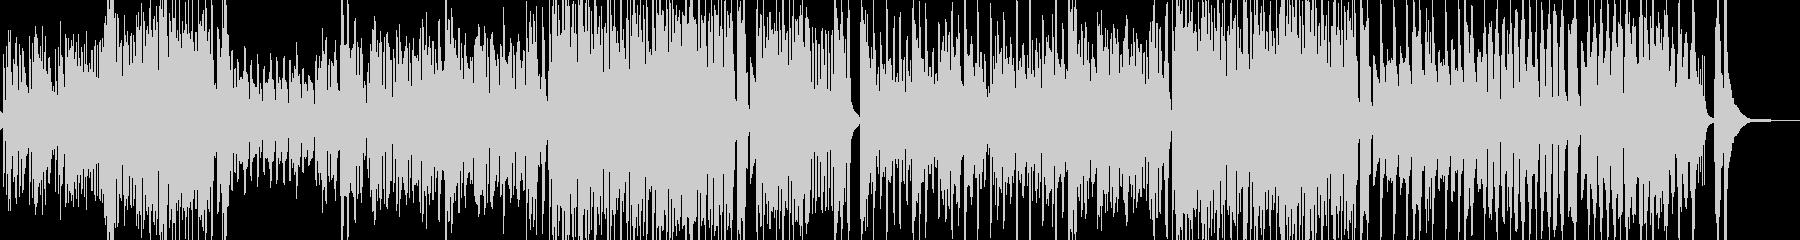 トランペット・活気豊かなマーチ・打楽器有の未再生の波形